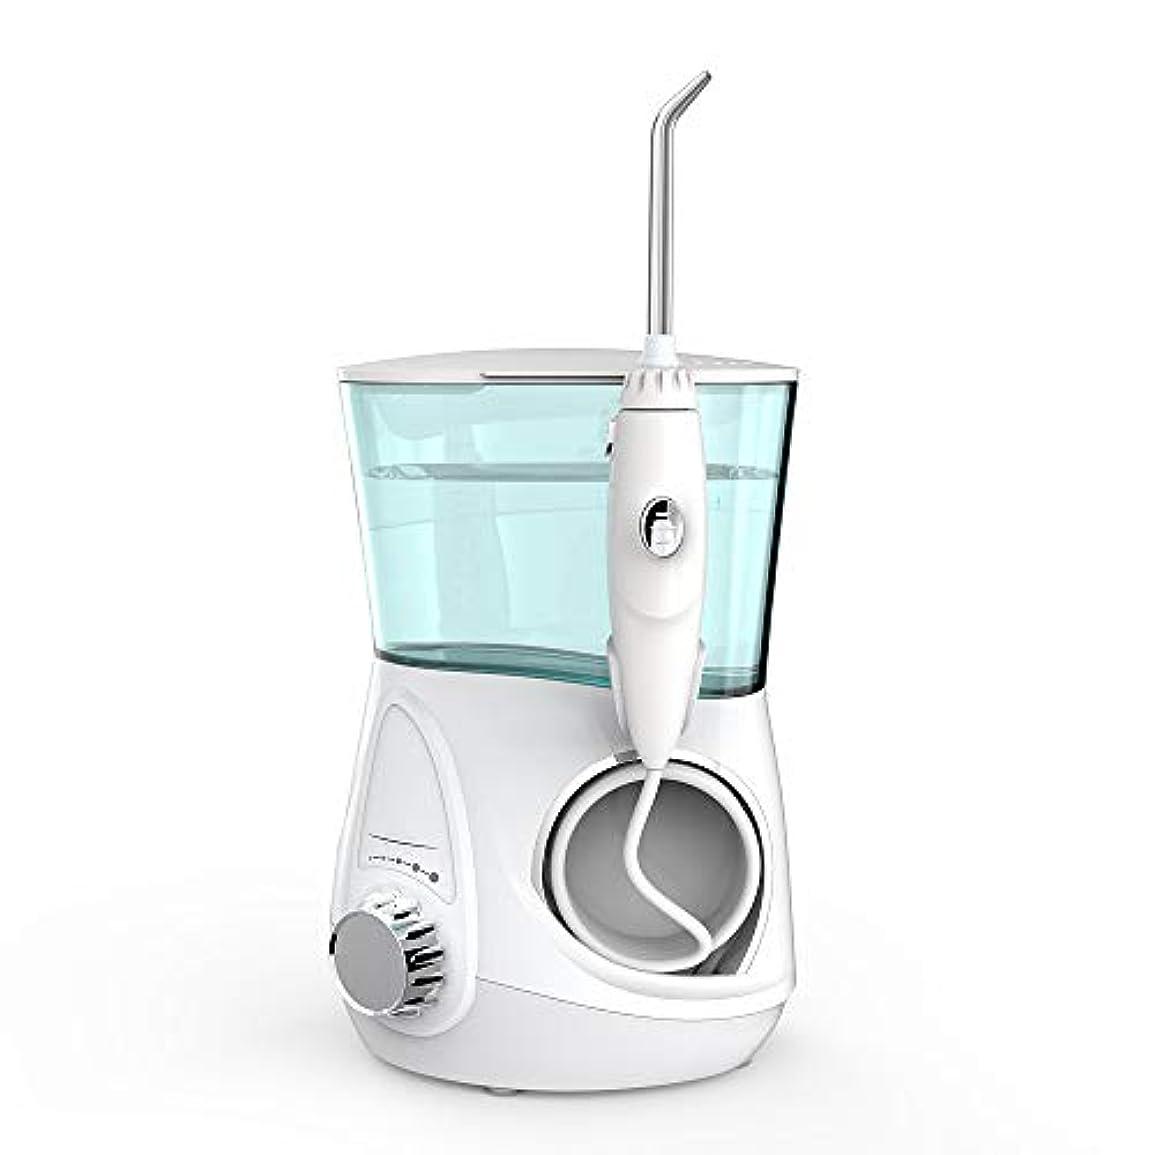 同じ溝区別する水フロッサー口腔洗浄器、電気家庭用洗濯機ウォーターフロスケア充電式ウォーターピックジェット歯クリーニングで5ピースジェットti